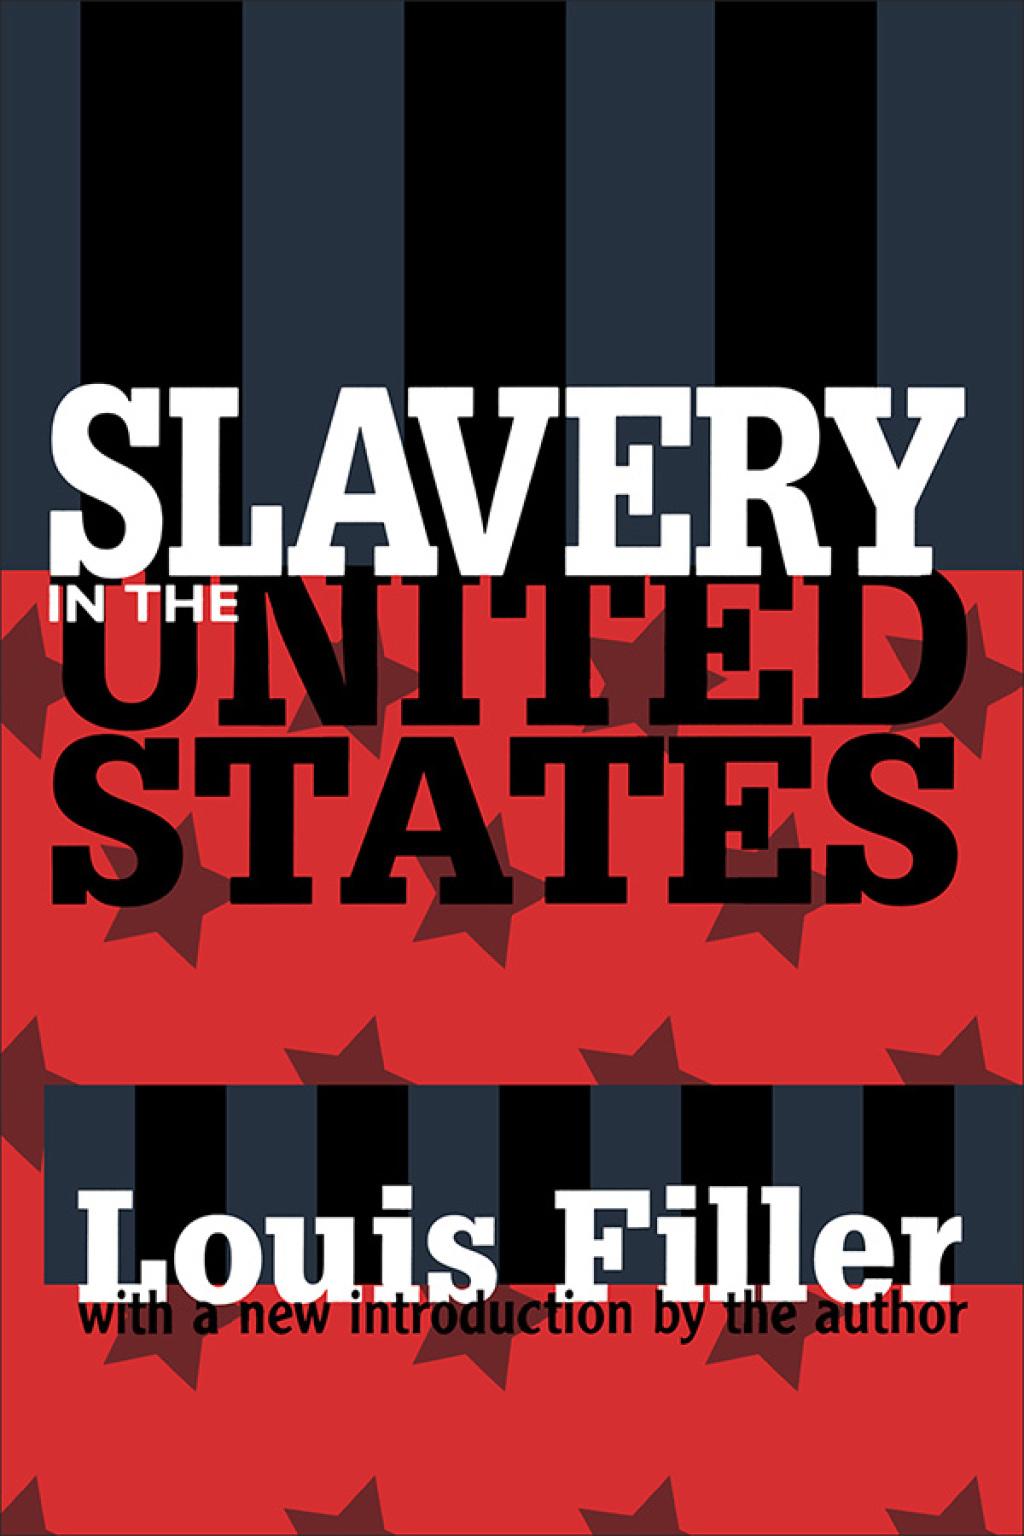 By Louis Filler PRINTISBN: 9780765804310 E-TEXT ISBN: 9781351306508 Edition: 1